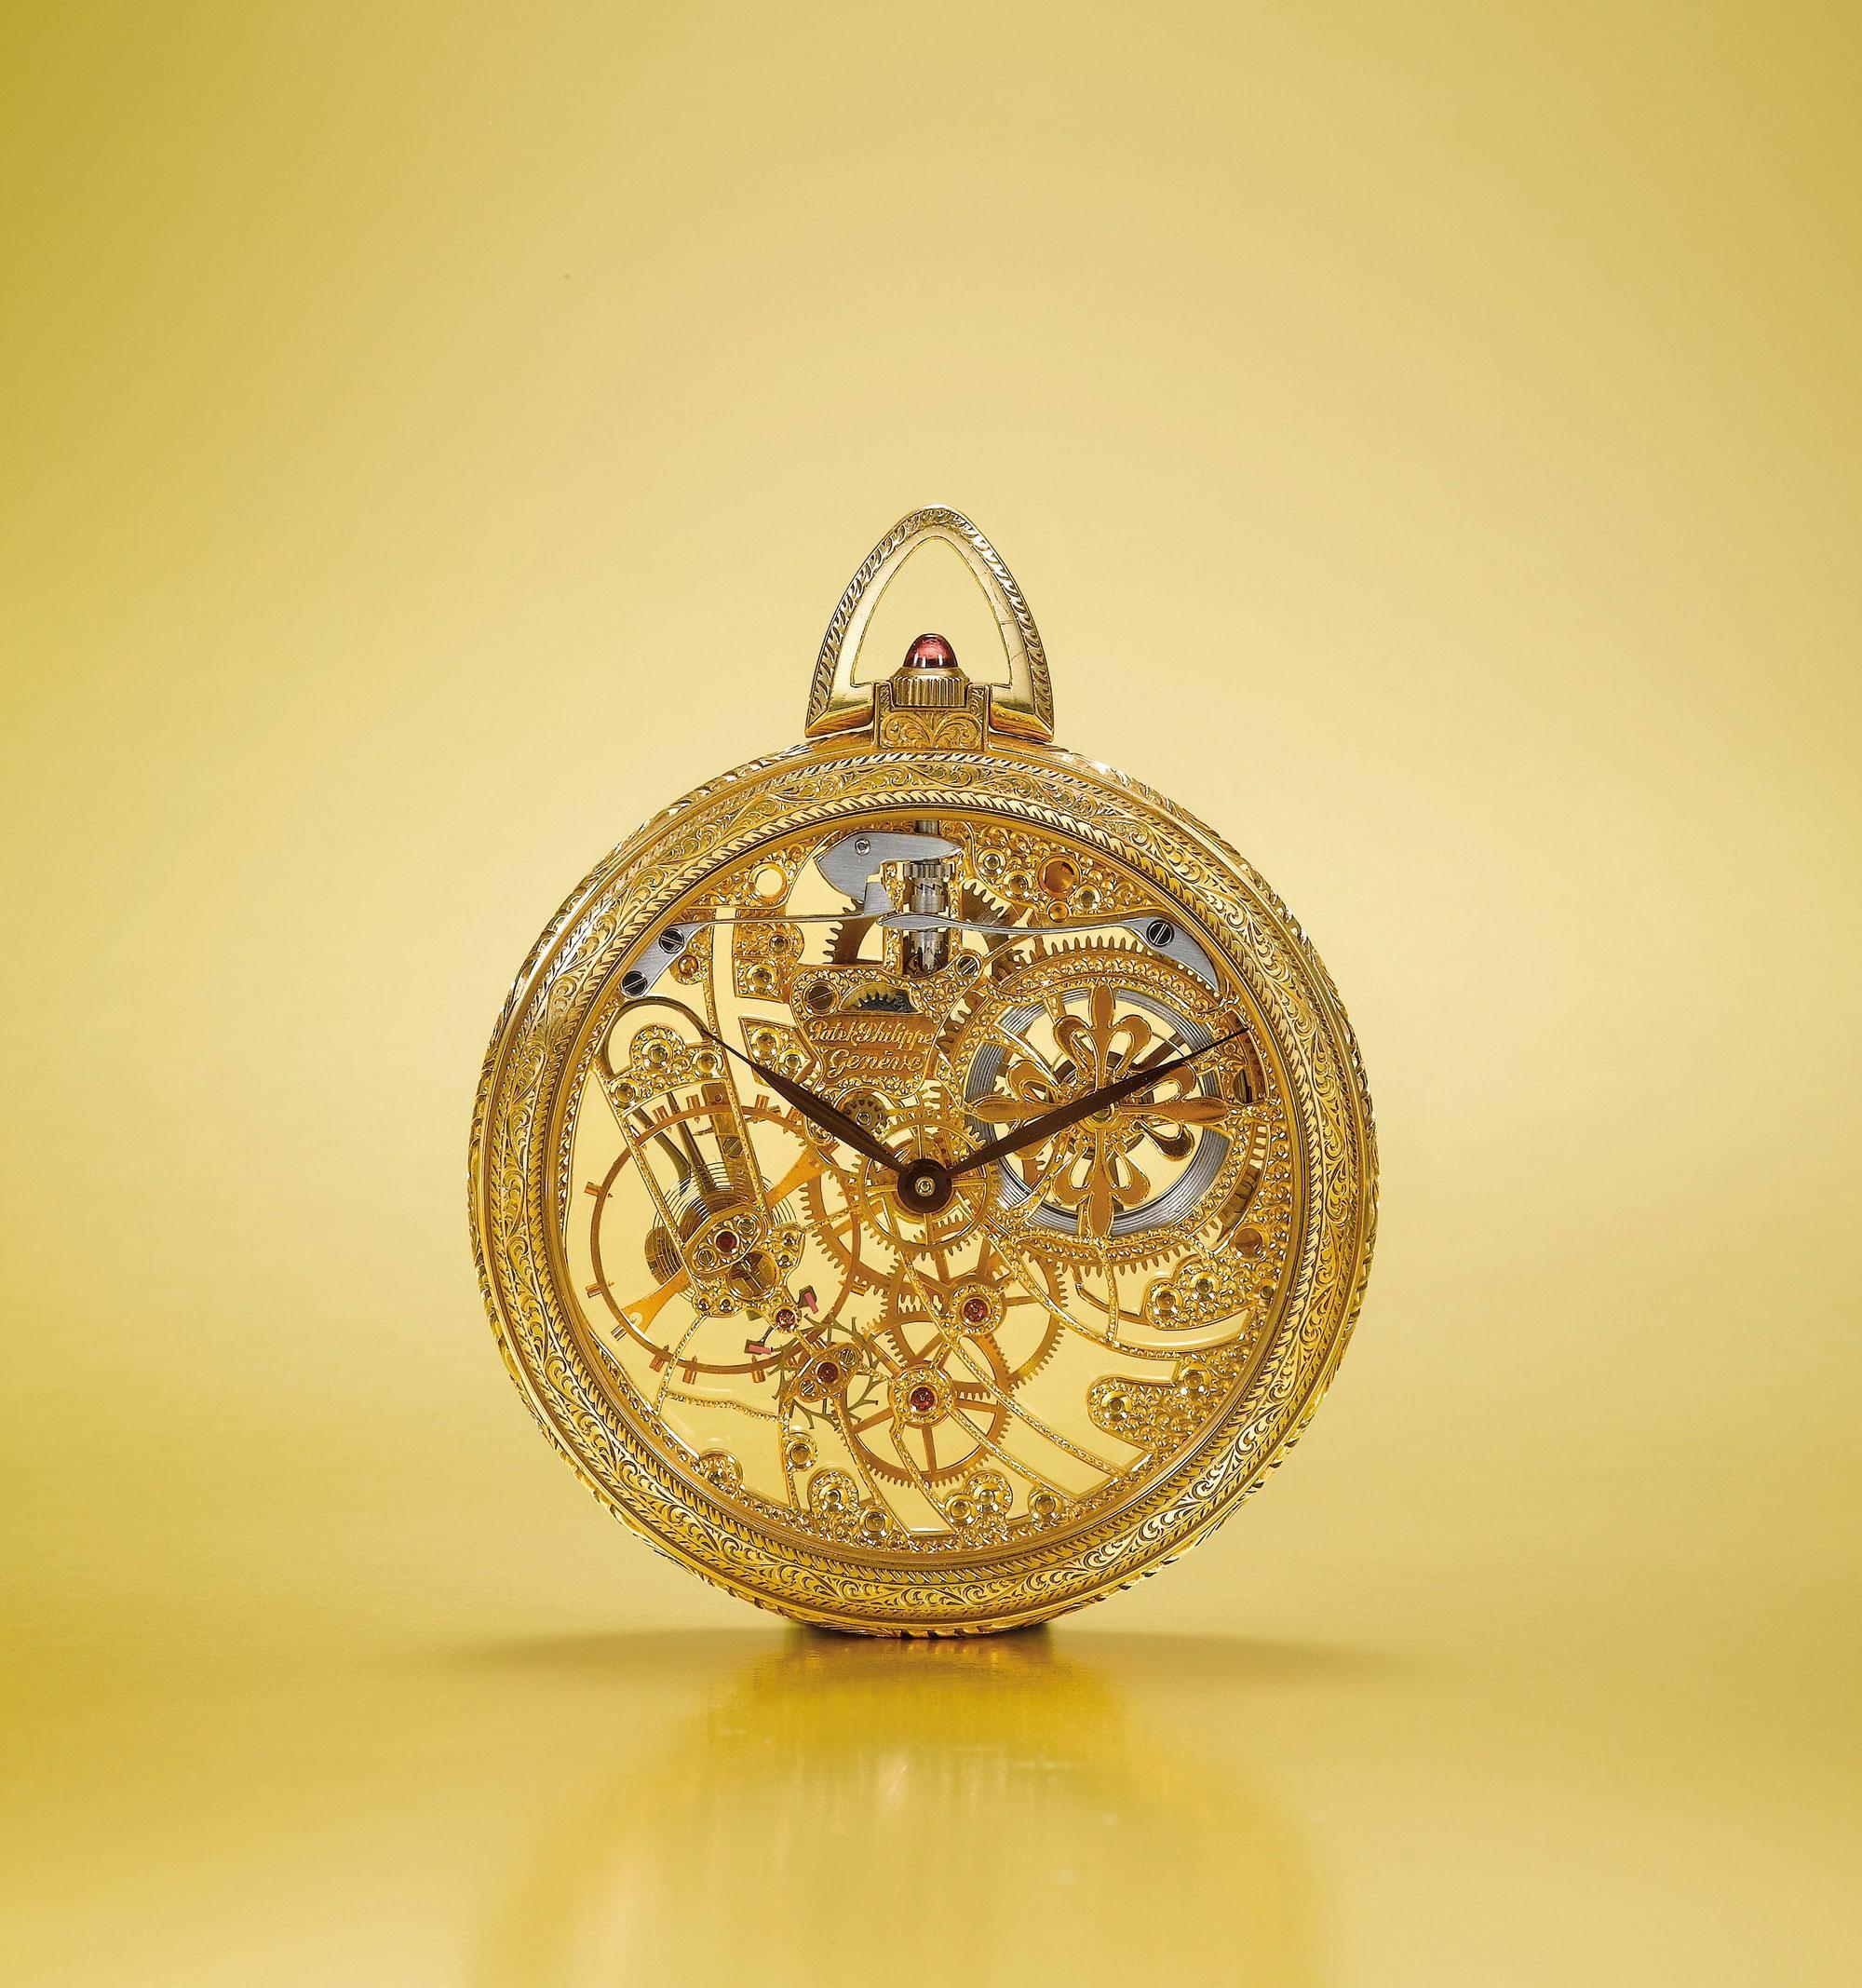 百达翡丽双面镂空,最奢华的世界限量表款推荐